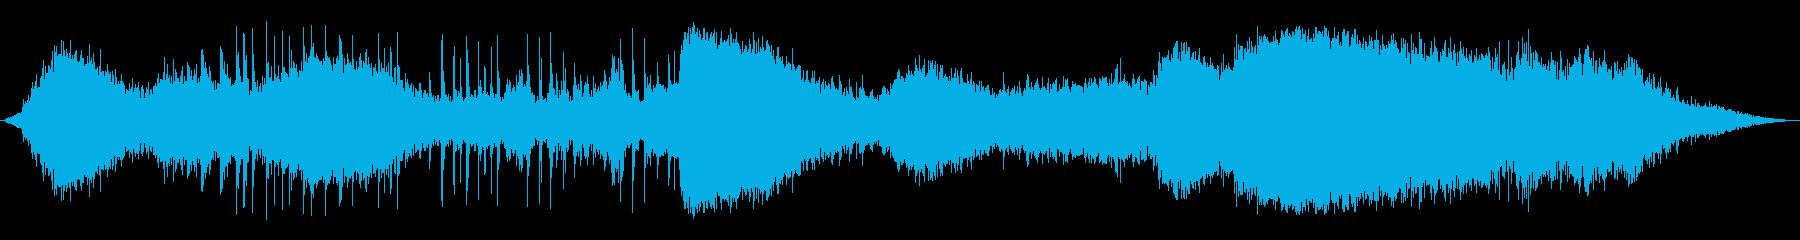 サッカーアンビエント2 0-25の再生済みの波形